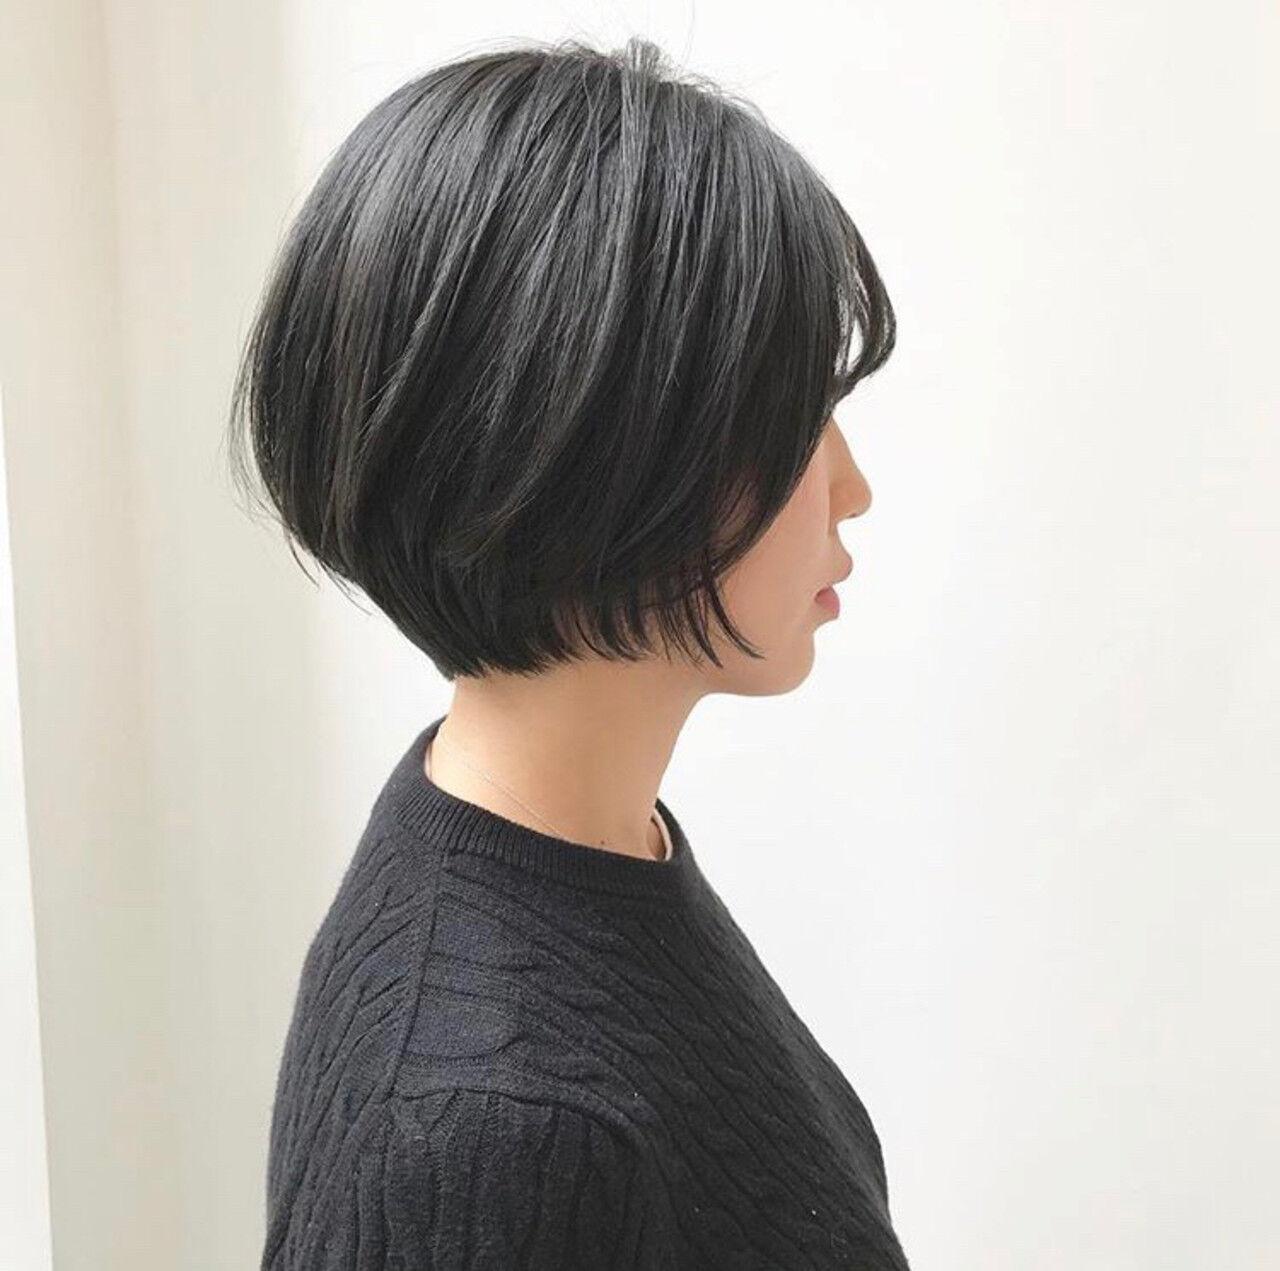 マッシュショート ショート ハンサムショート ショートボブヘアスタイルや髪型の写真・画像